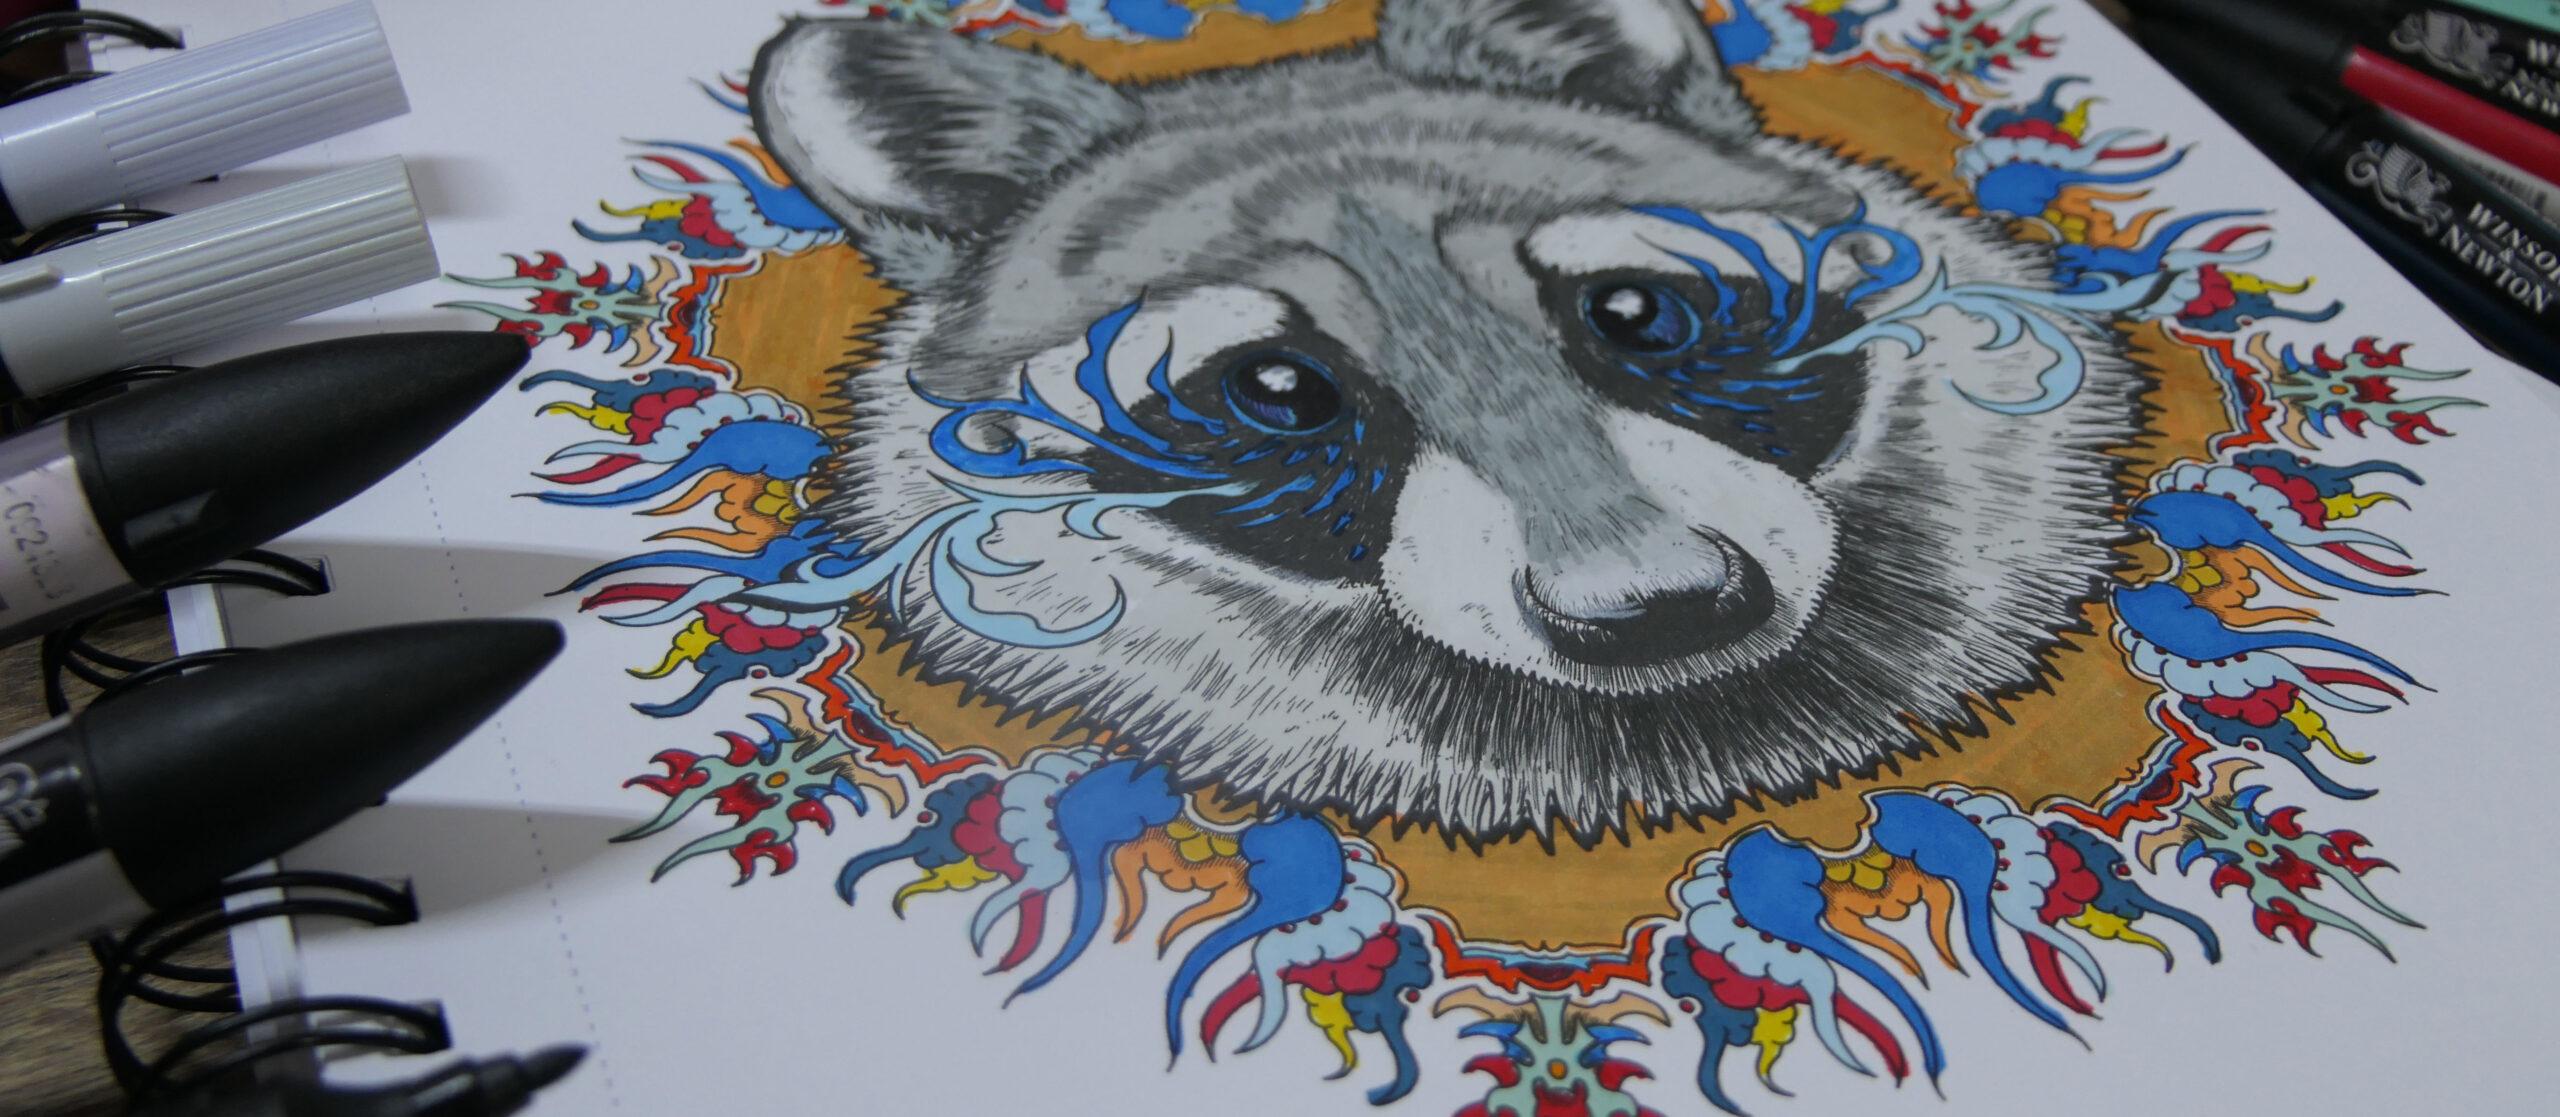 Chameleon Mandalas Gone Wild - kolorowanka do markerów